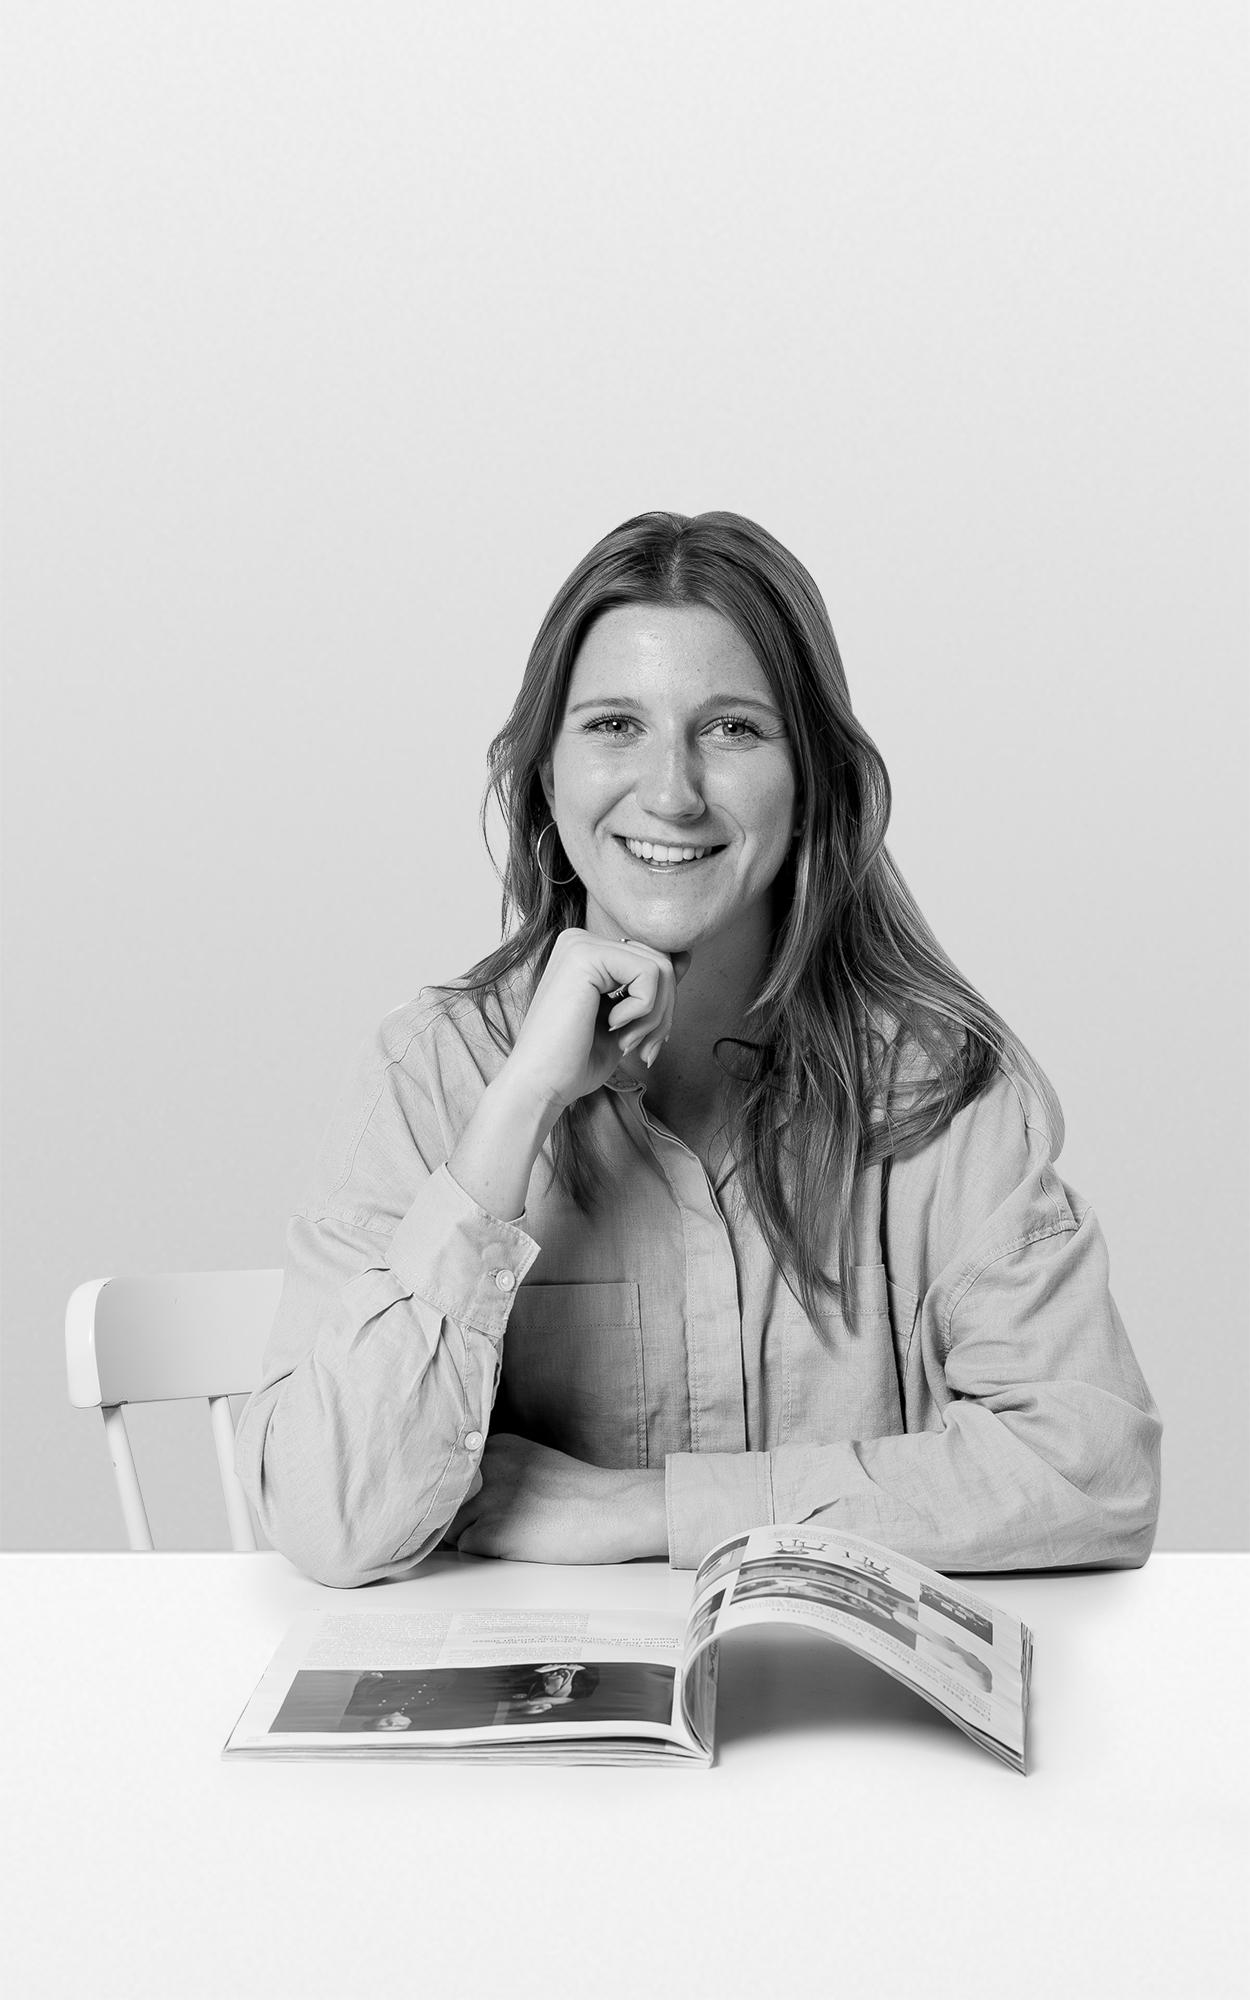 Antonia Onischke